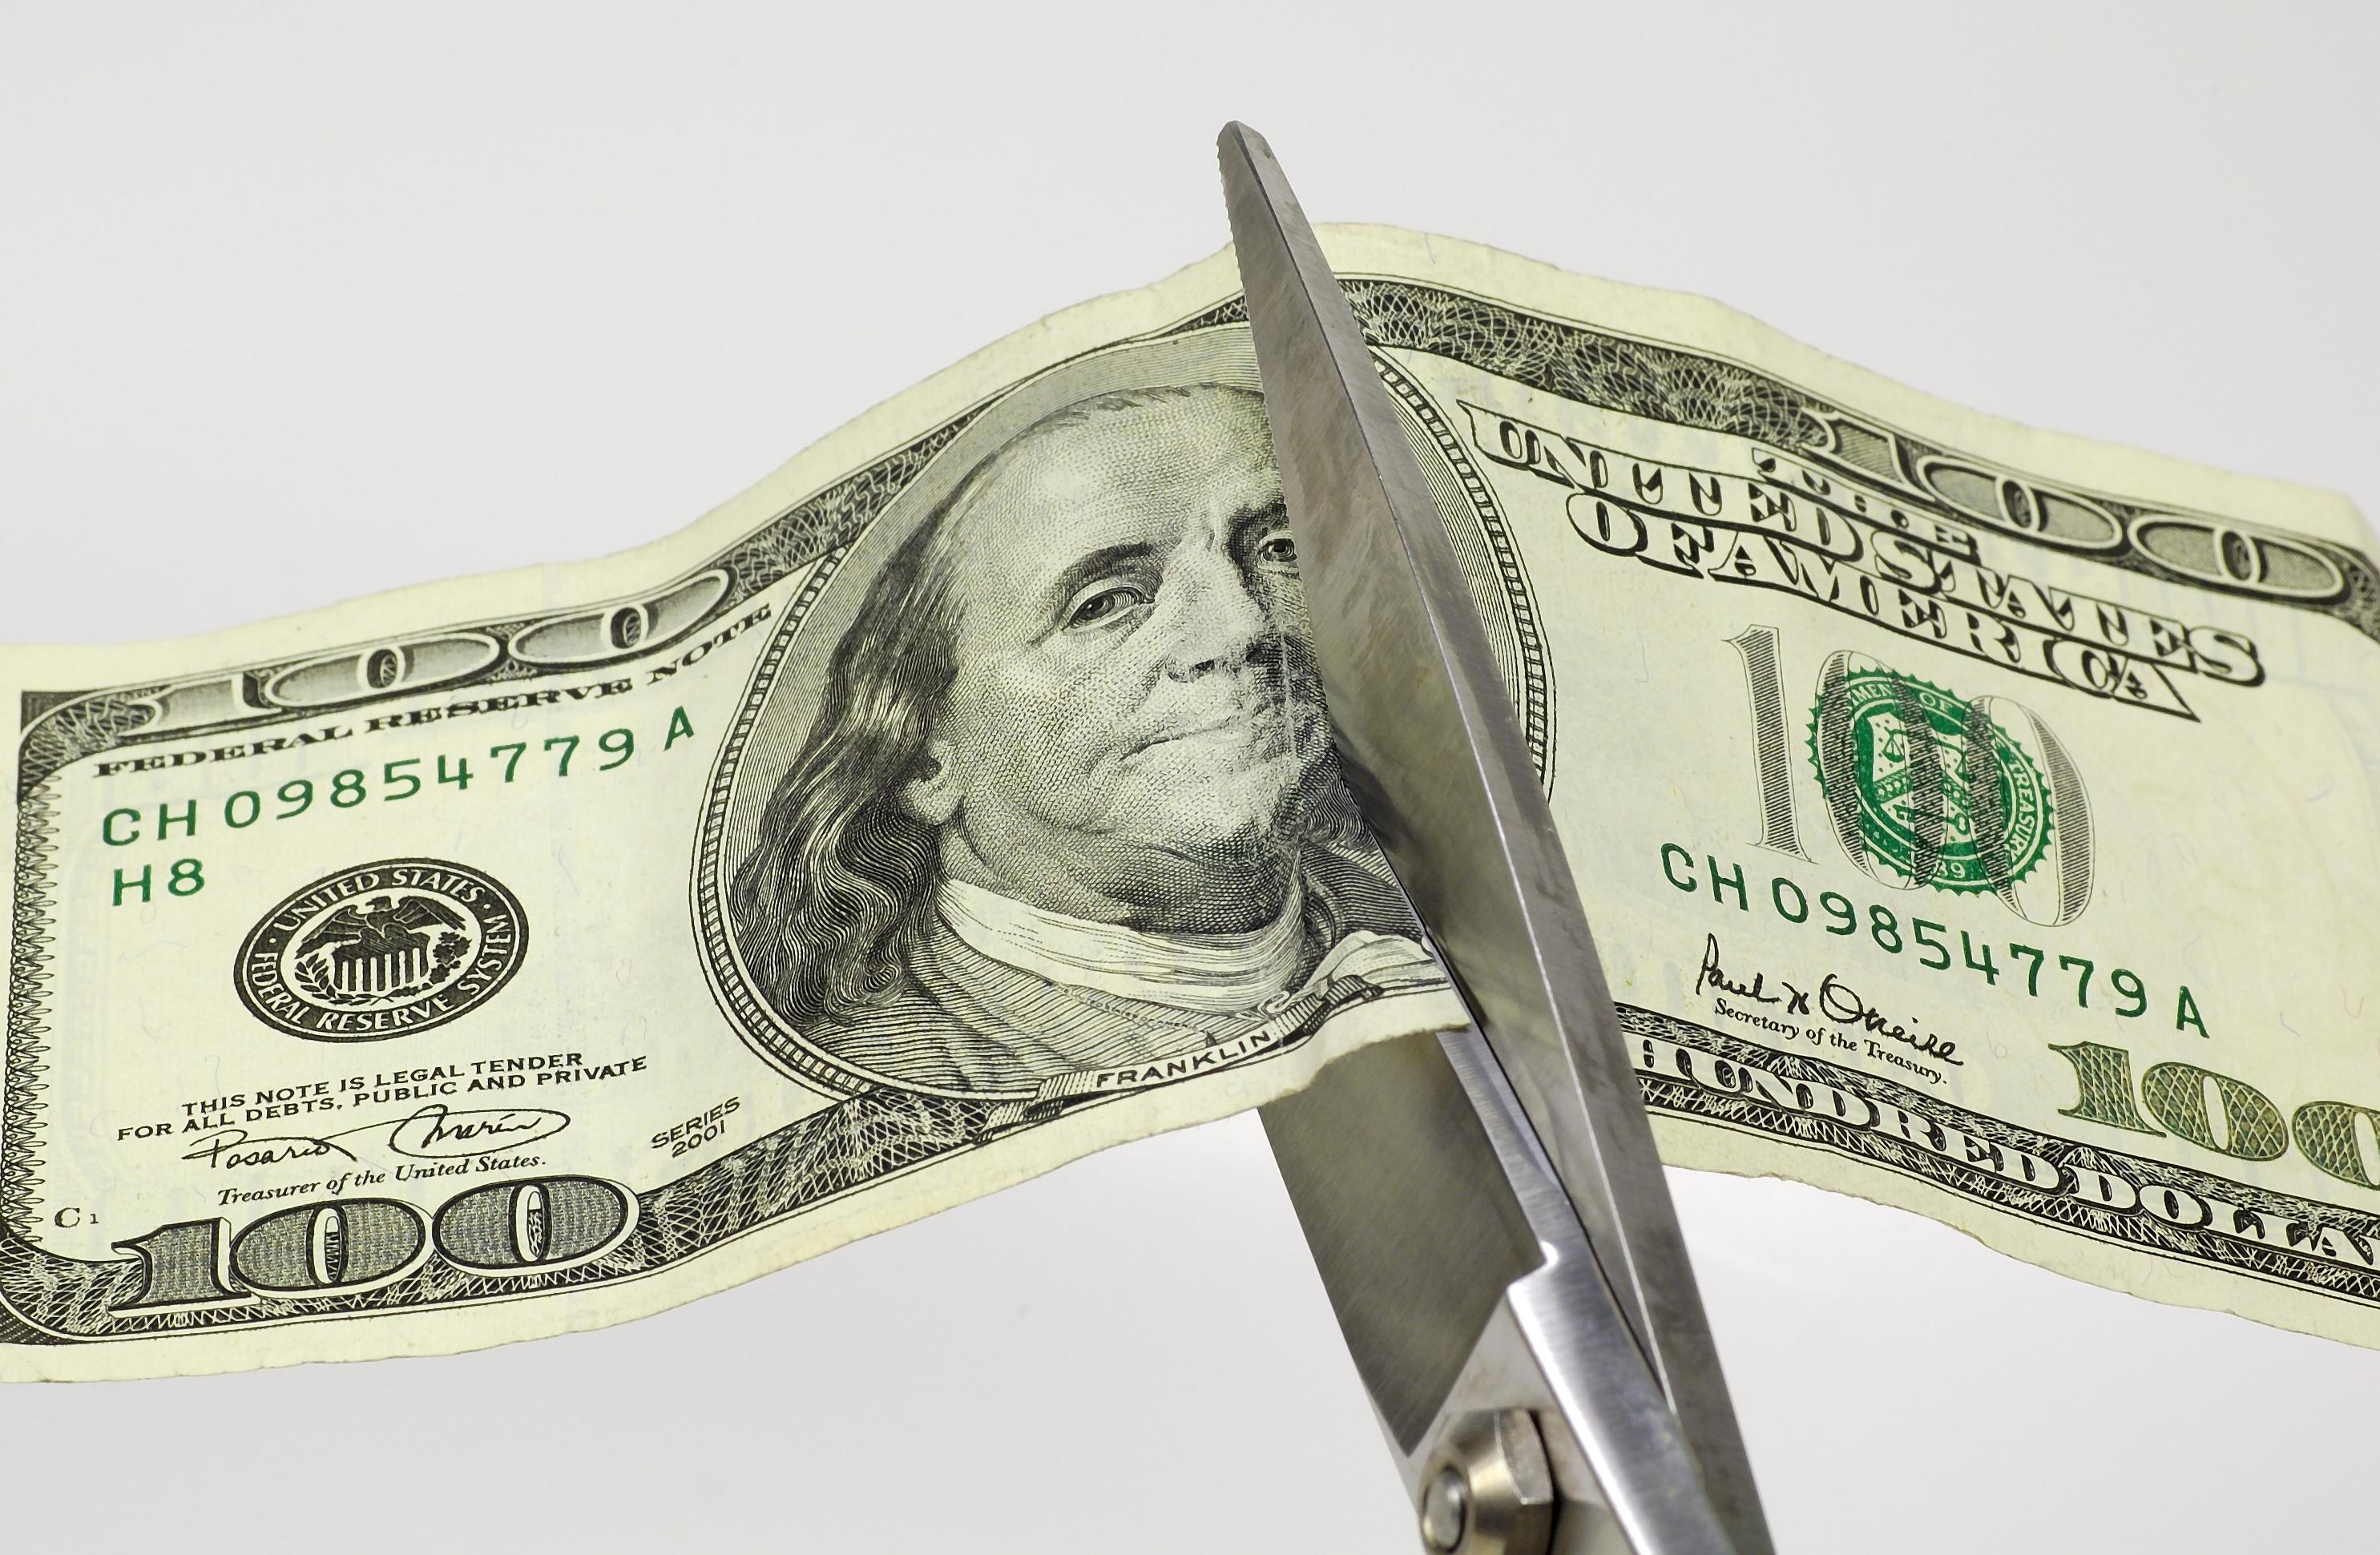 Scissors cutting through a $100 bill.